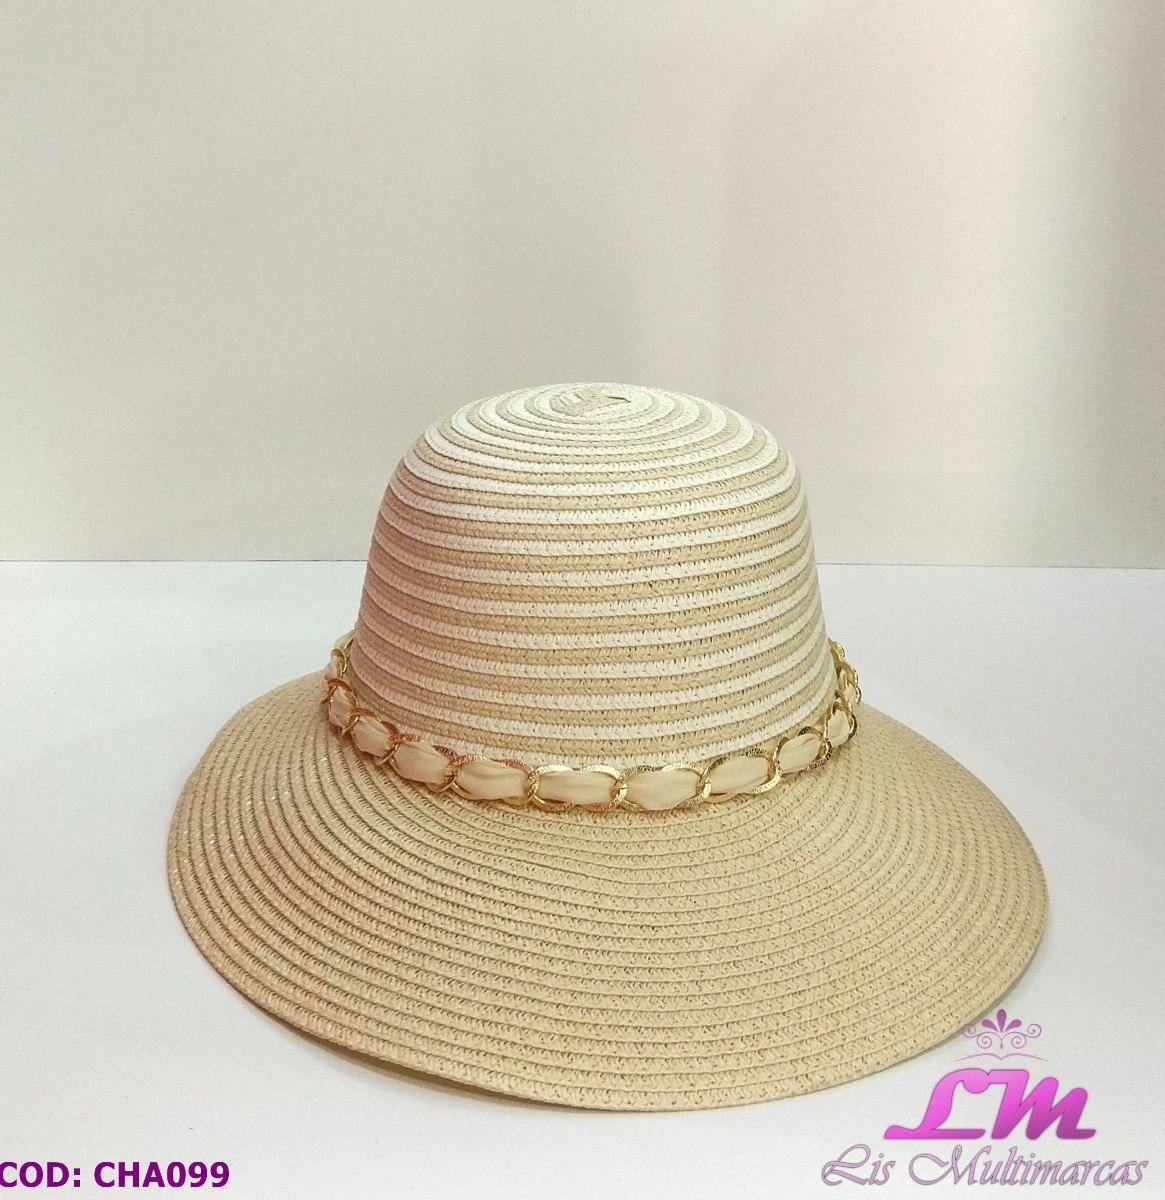 Chapéu De Praia Floppy Palha Com Laço E Detalhe Dourado - R  38 a9f379baa2f